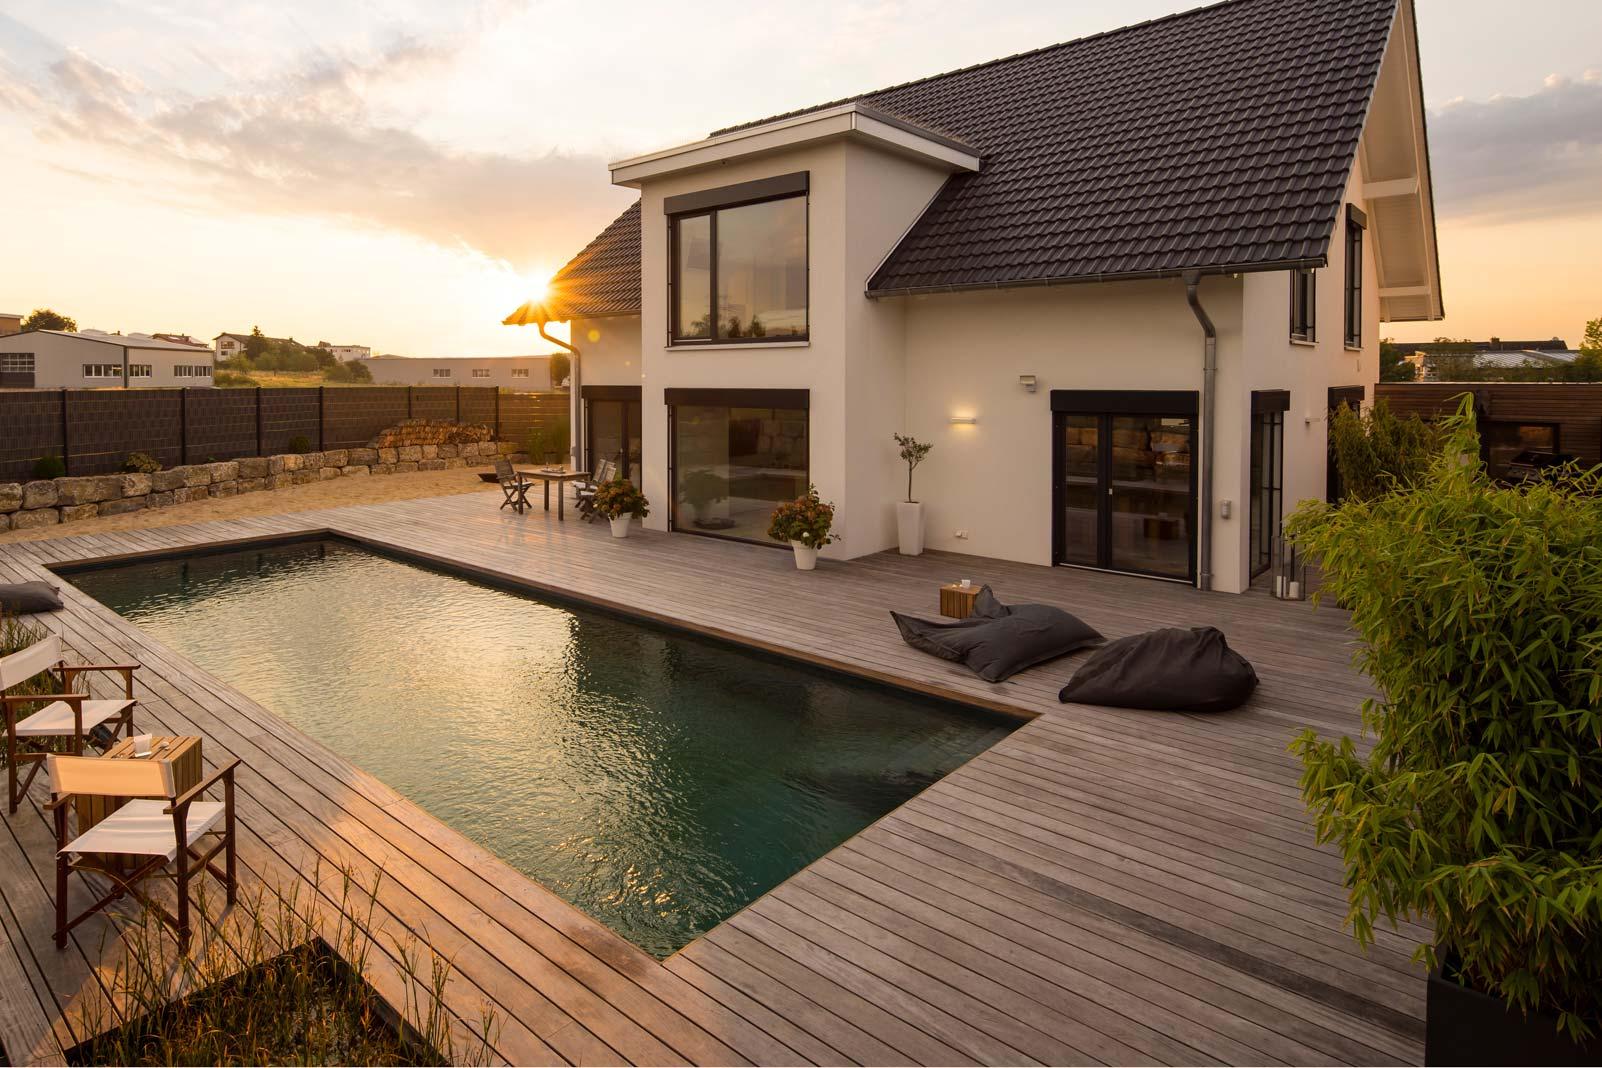 nachhaltigkeit beim hausbau livvi de. Black Bedroom Furniture Sets. Home Design Ideas